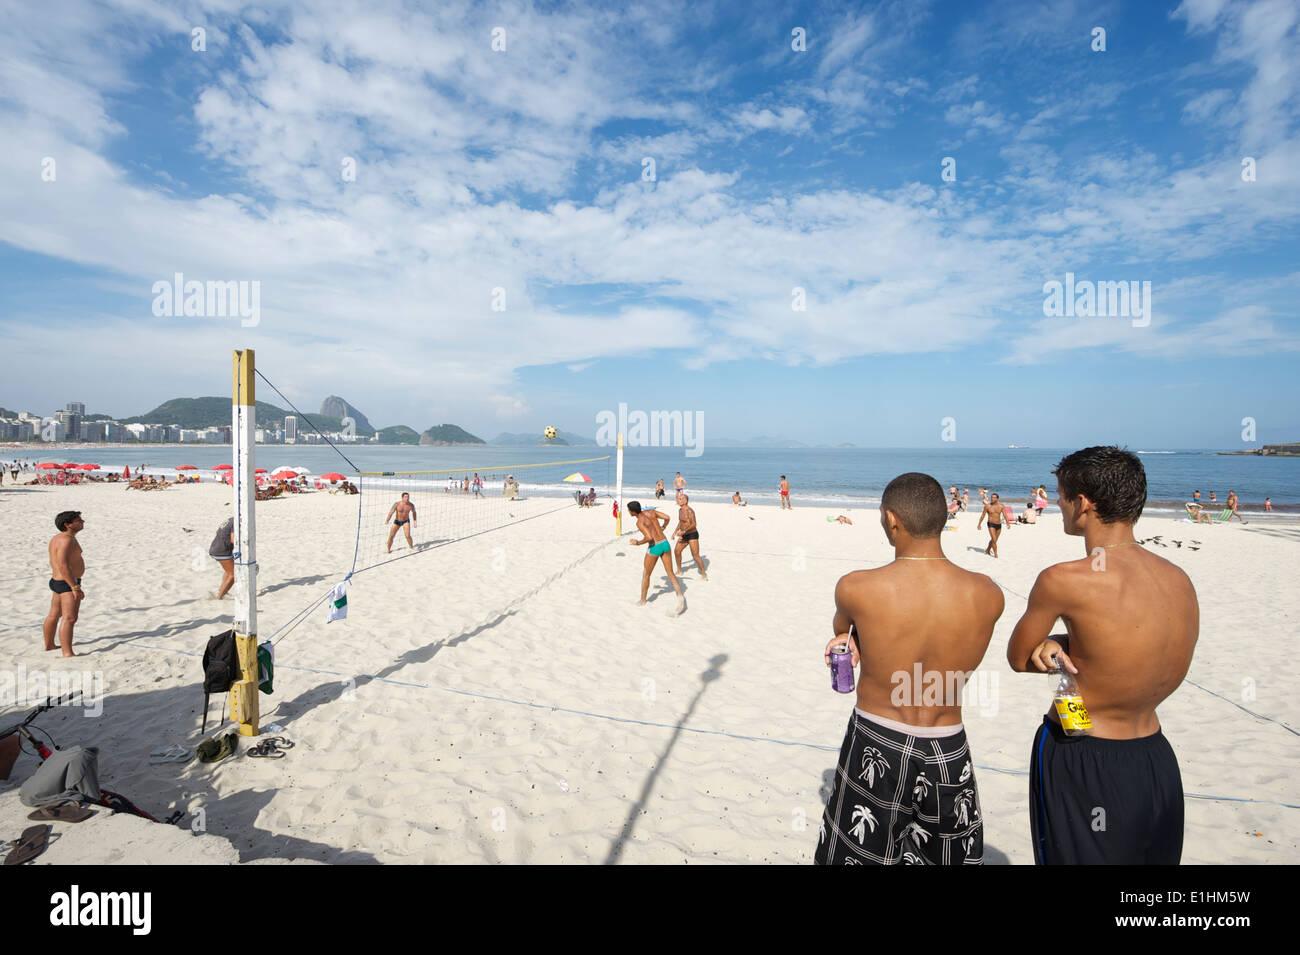 RIO DE JANEIRO, Brasil - Enero 2011: jóvenes brasileños ver un juego de footvolley, un deporte de fútbol y voleibol. Foto de stock